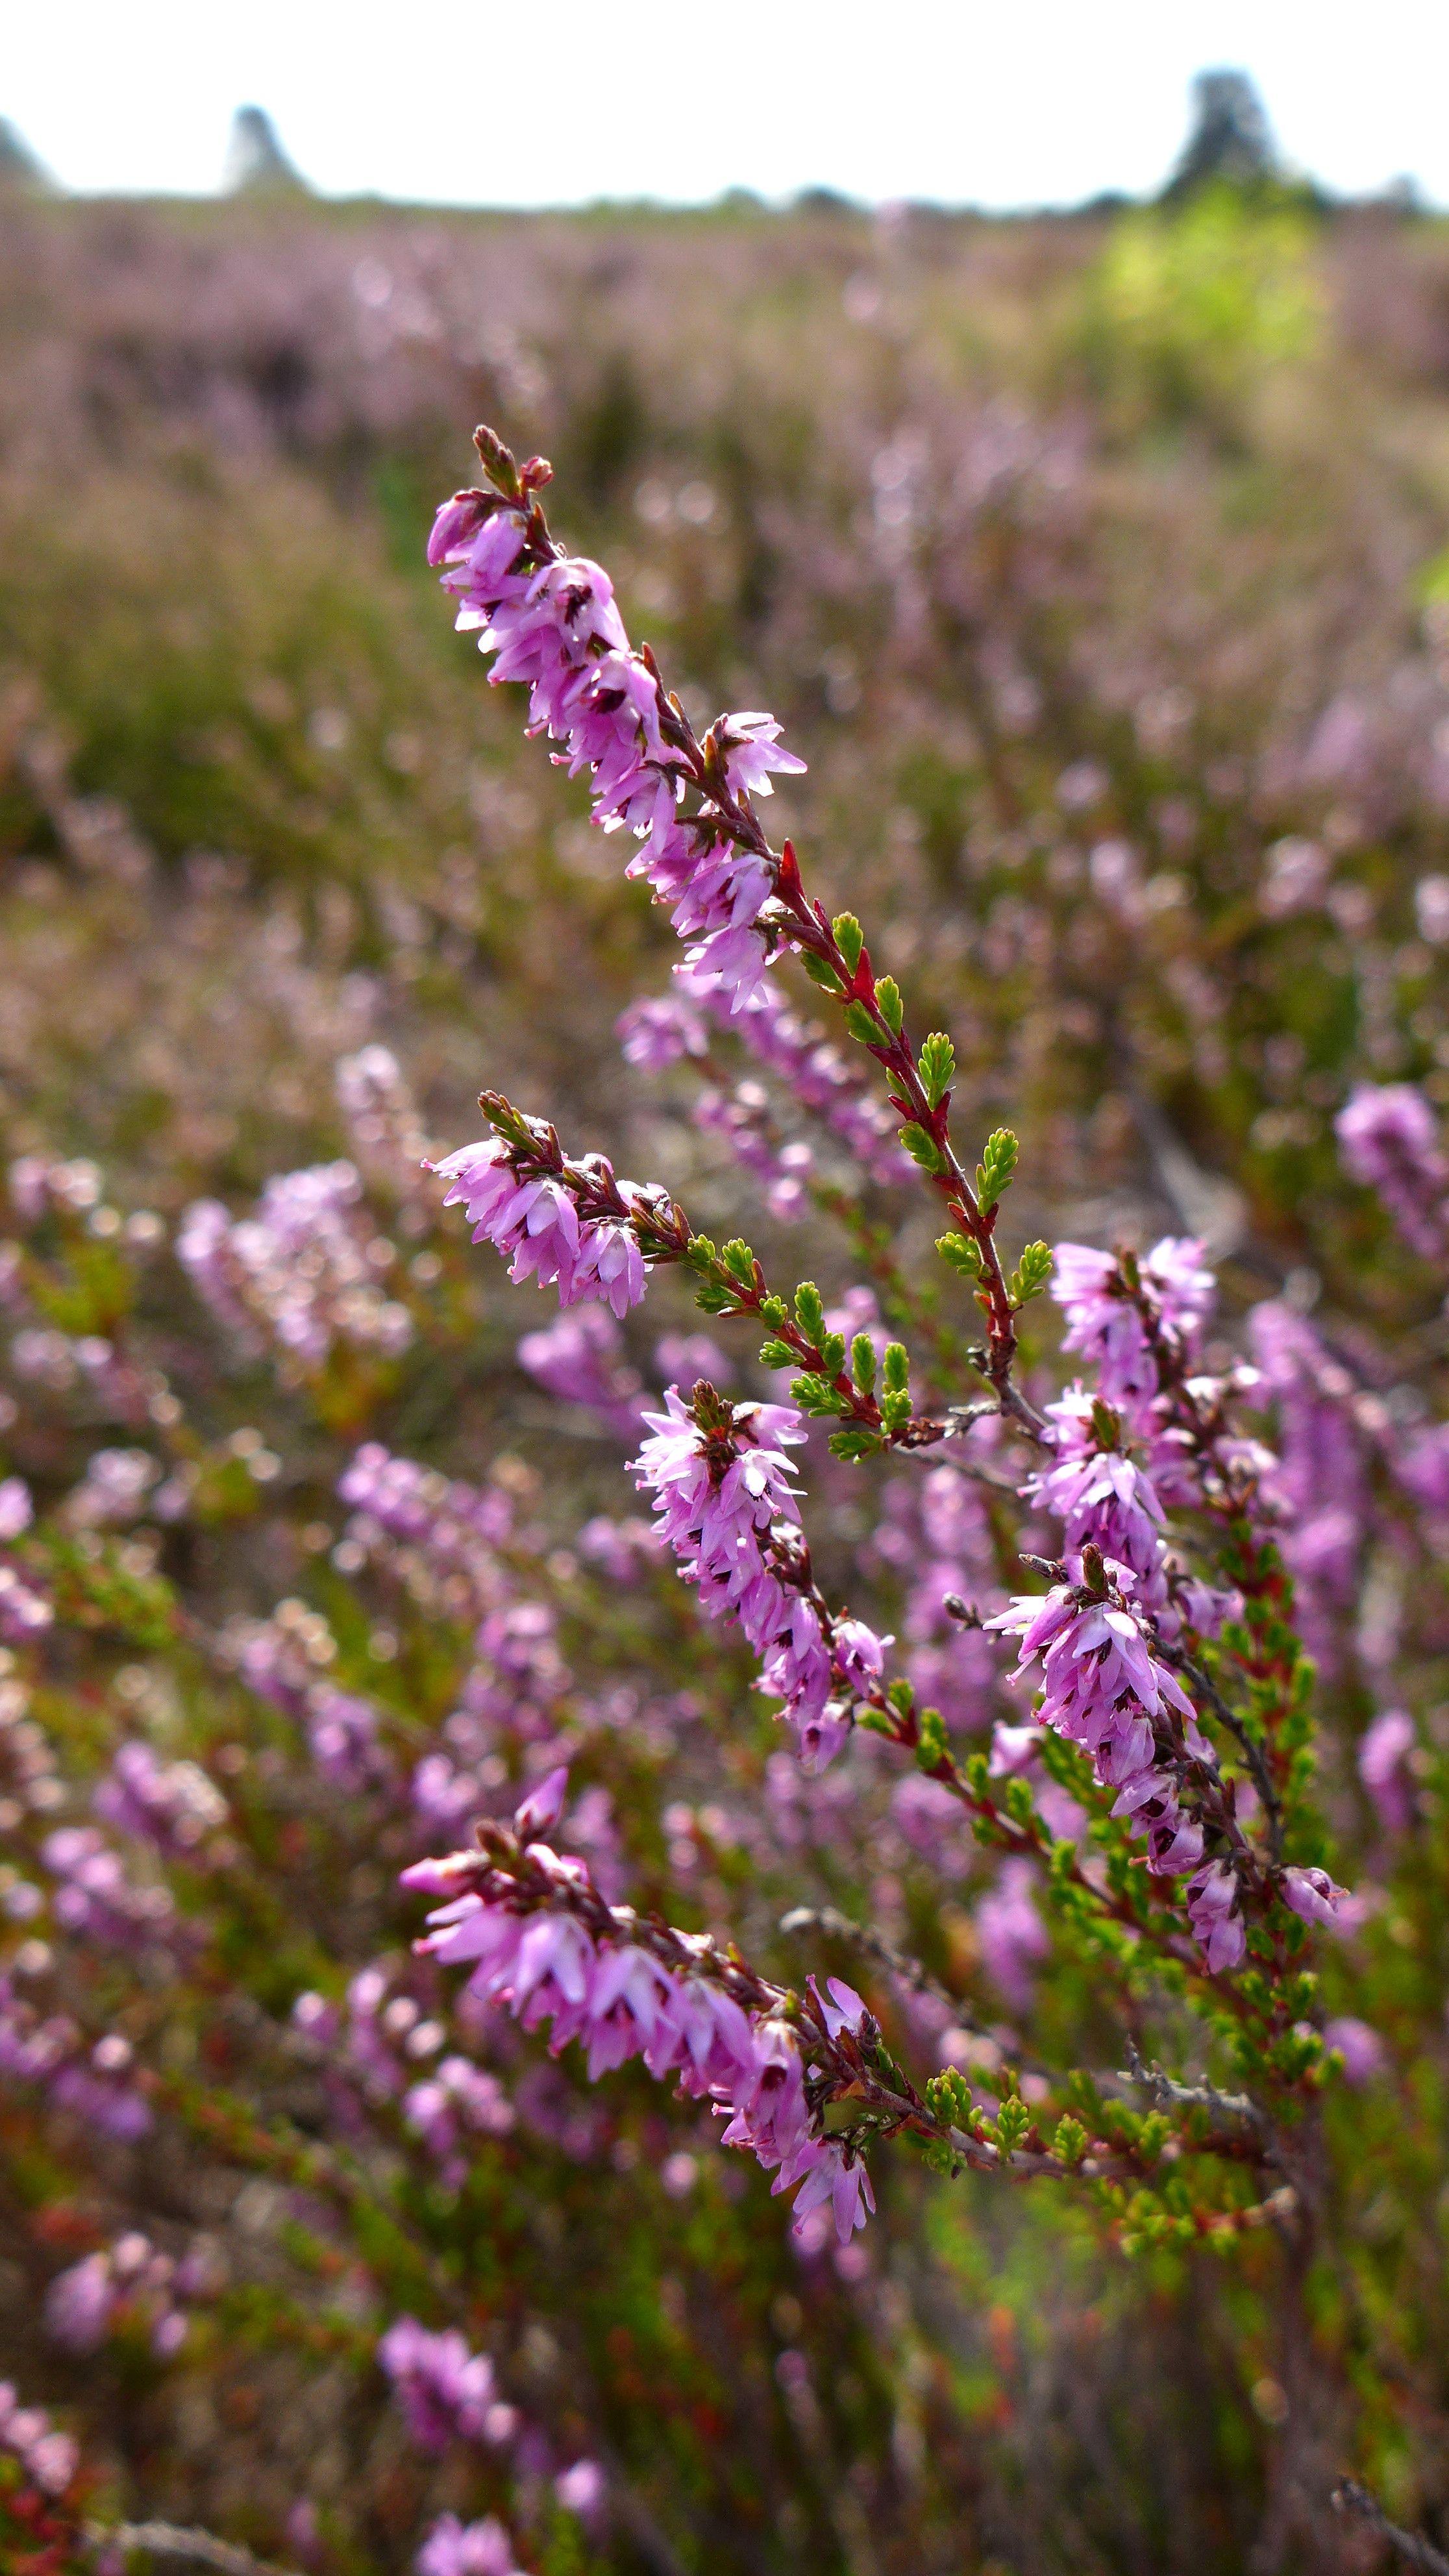 2019 09 Mehlinger Heide In 2020 Scottish Heather Plants Heide